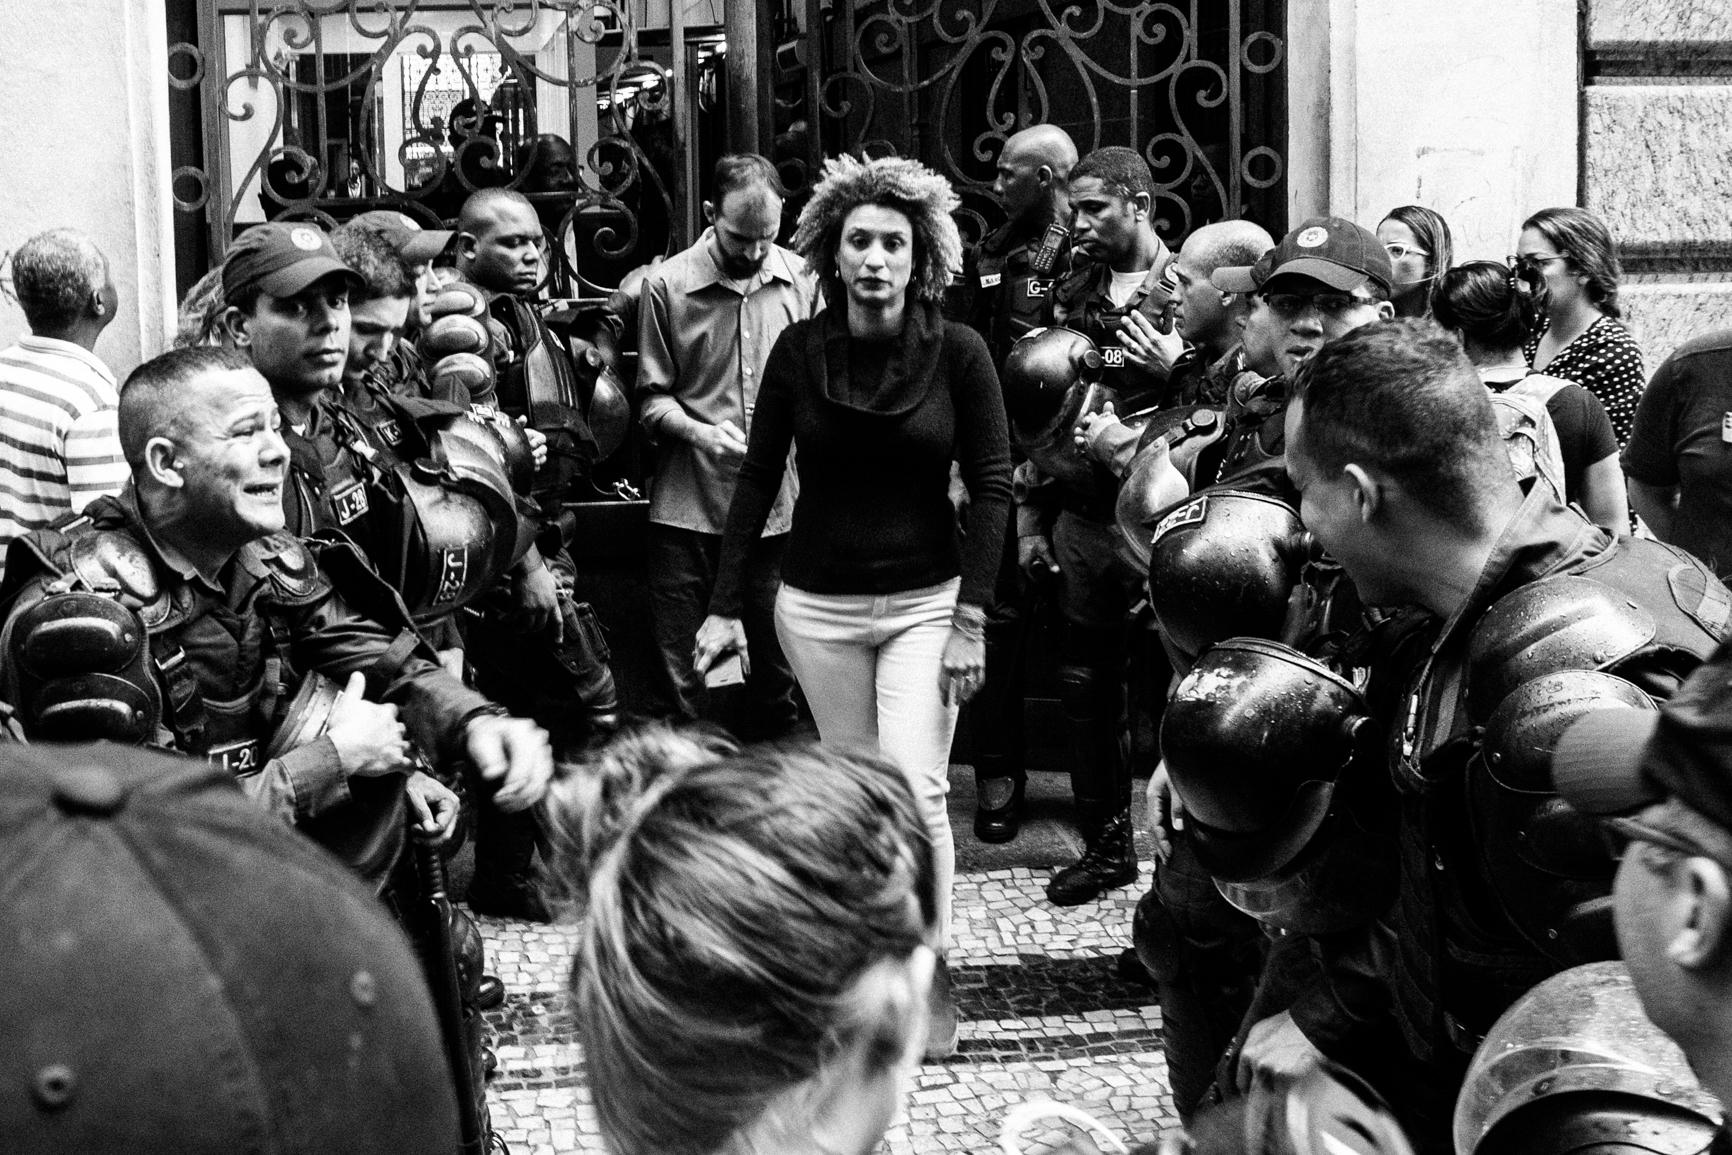 OPINIÃO | A conscientização política como meio de transformação social no Brasil